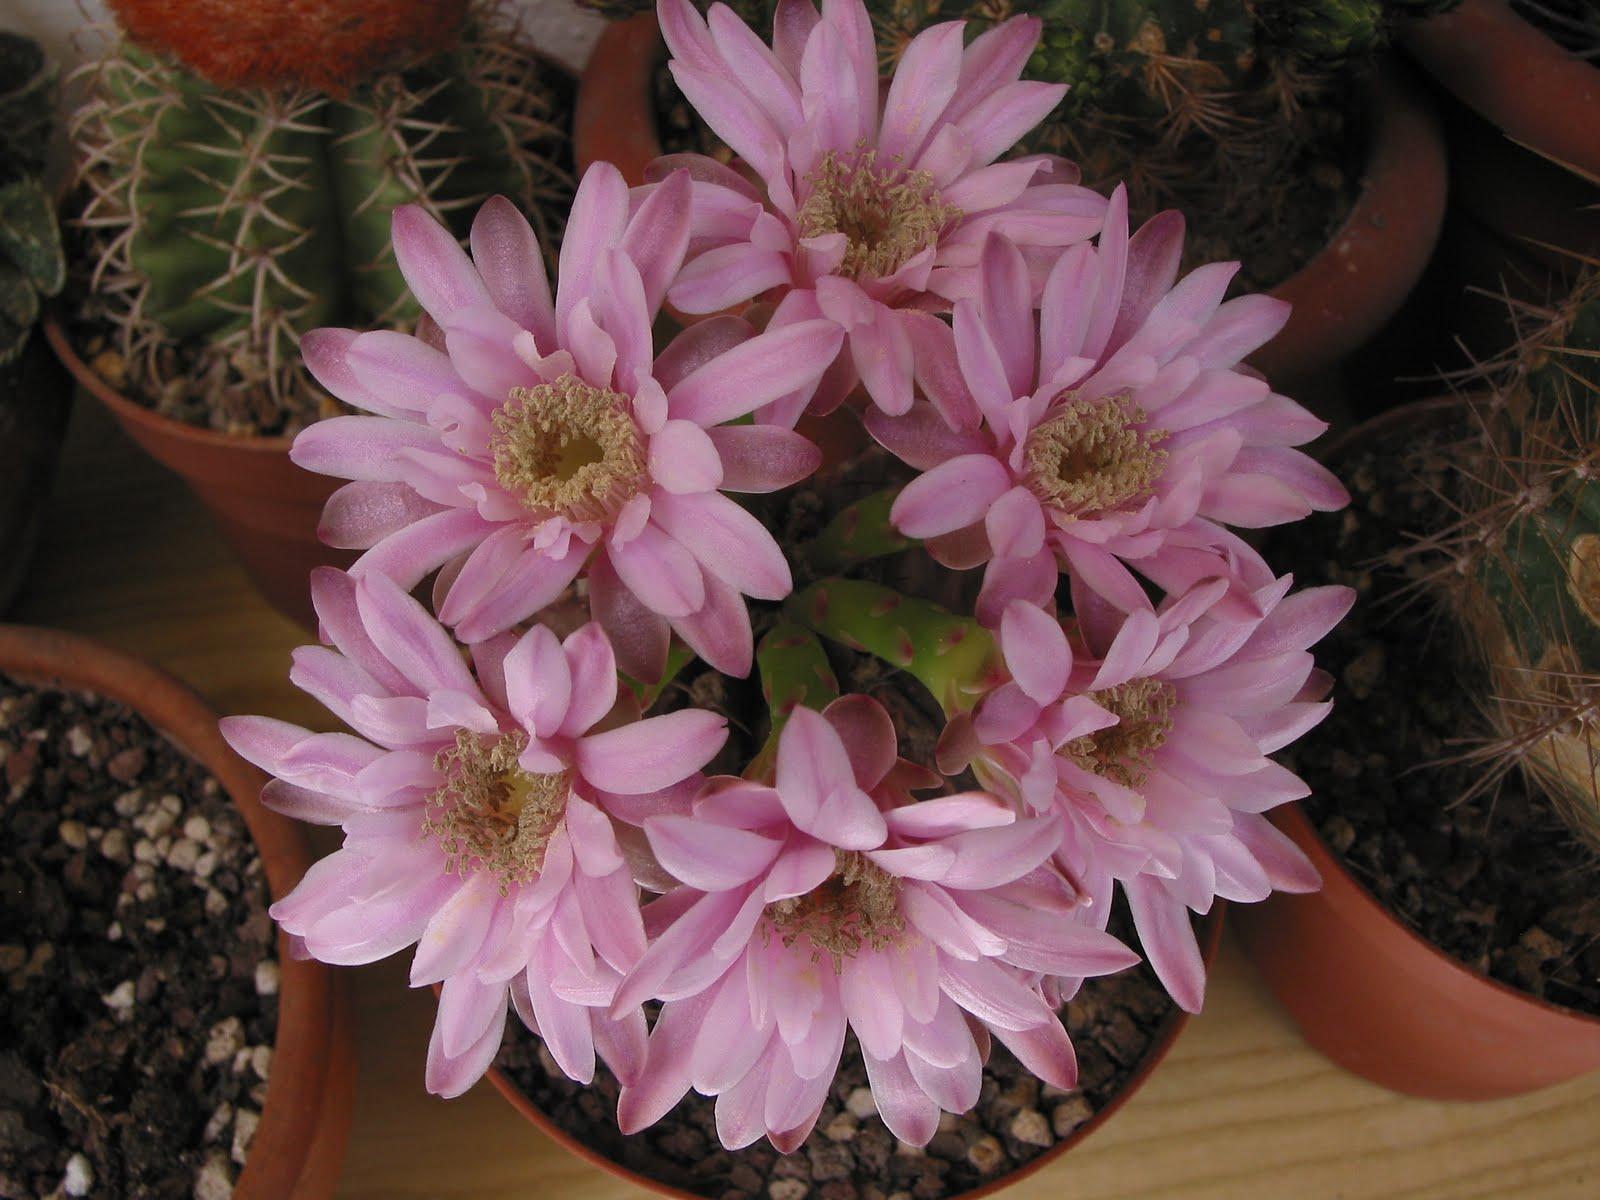 Alphecca ancora altre immagini di piante grasse fiorite for Piante fiori